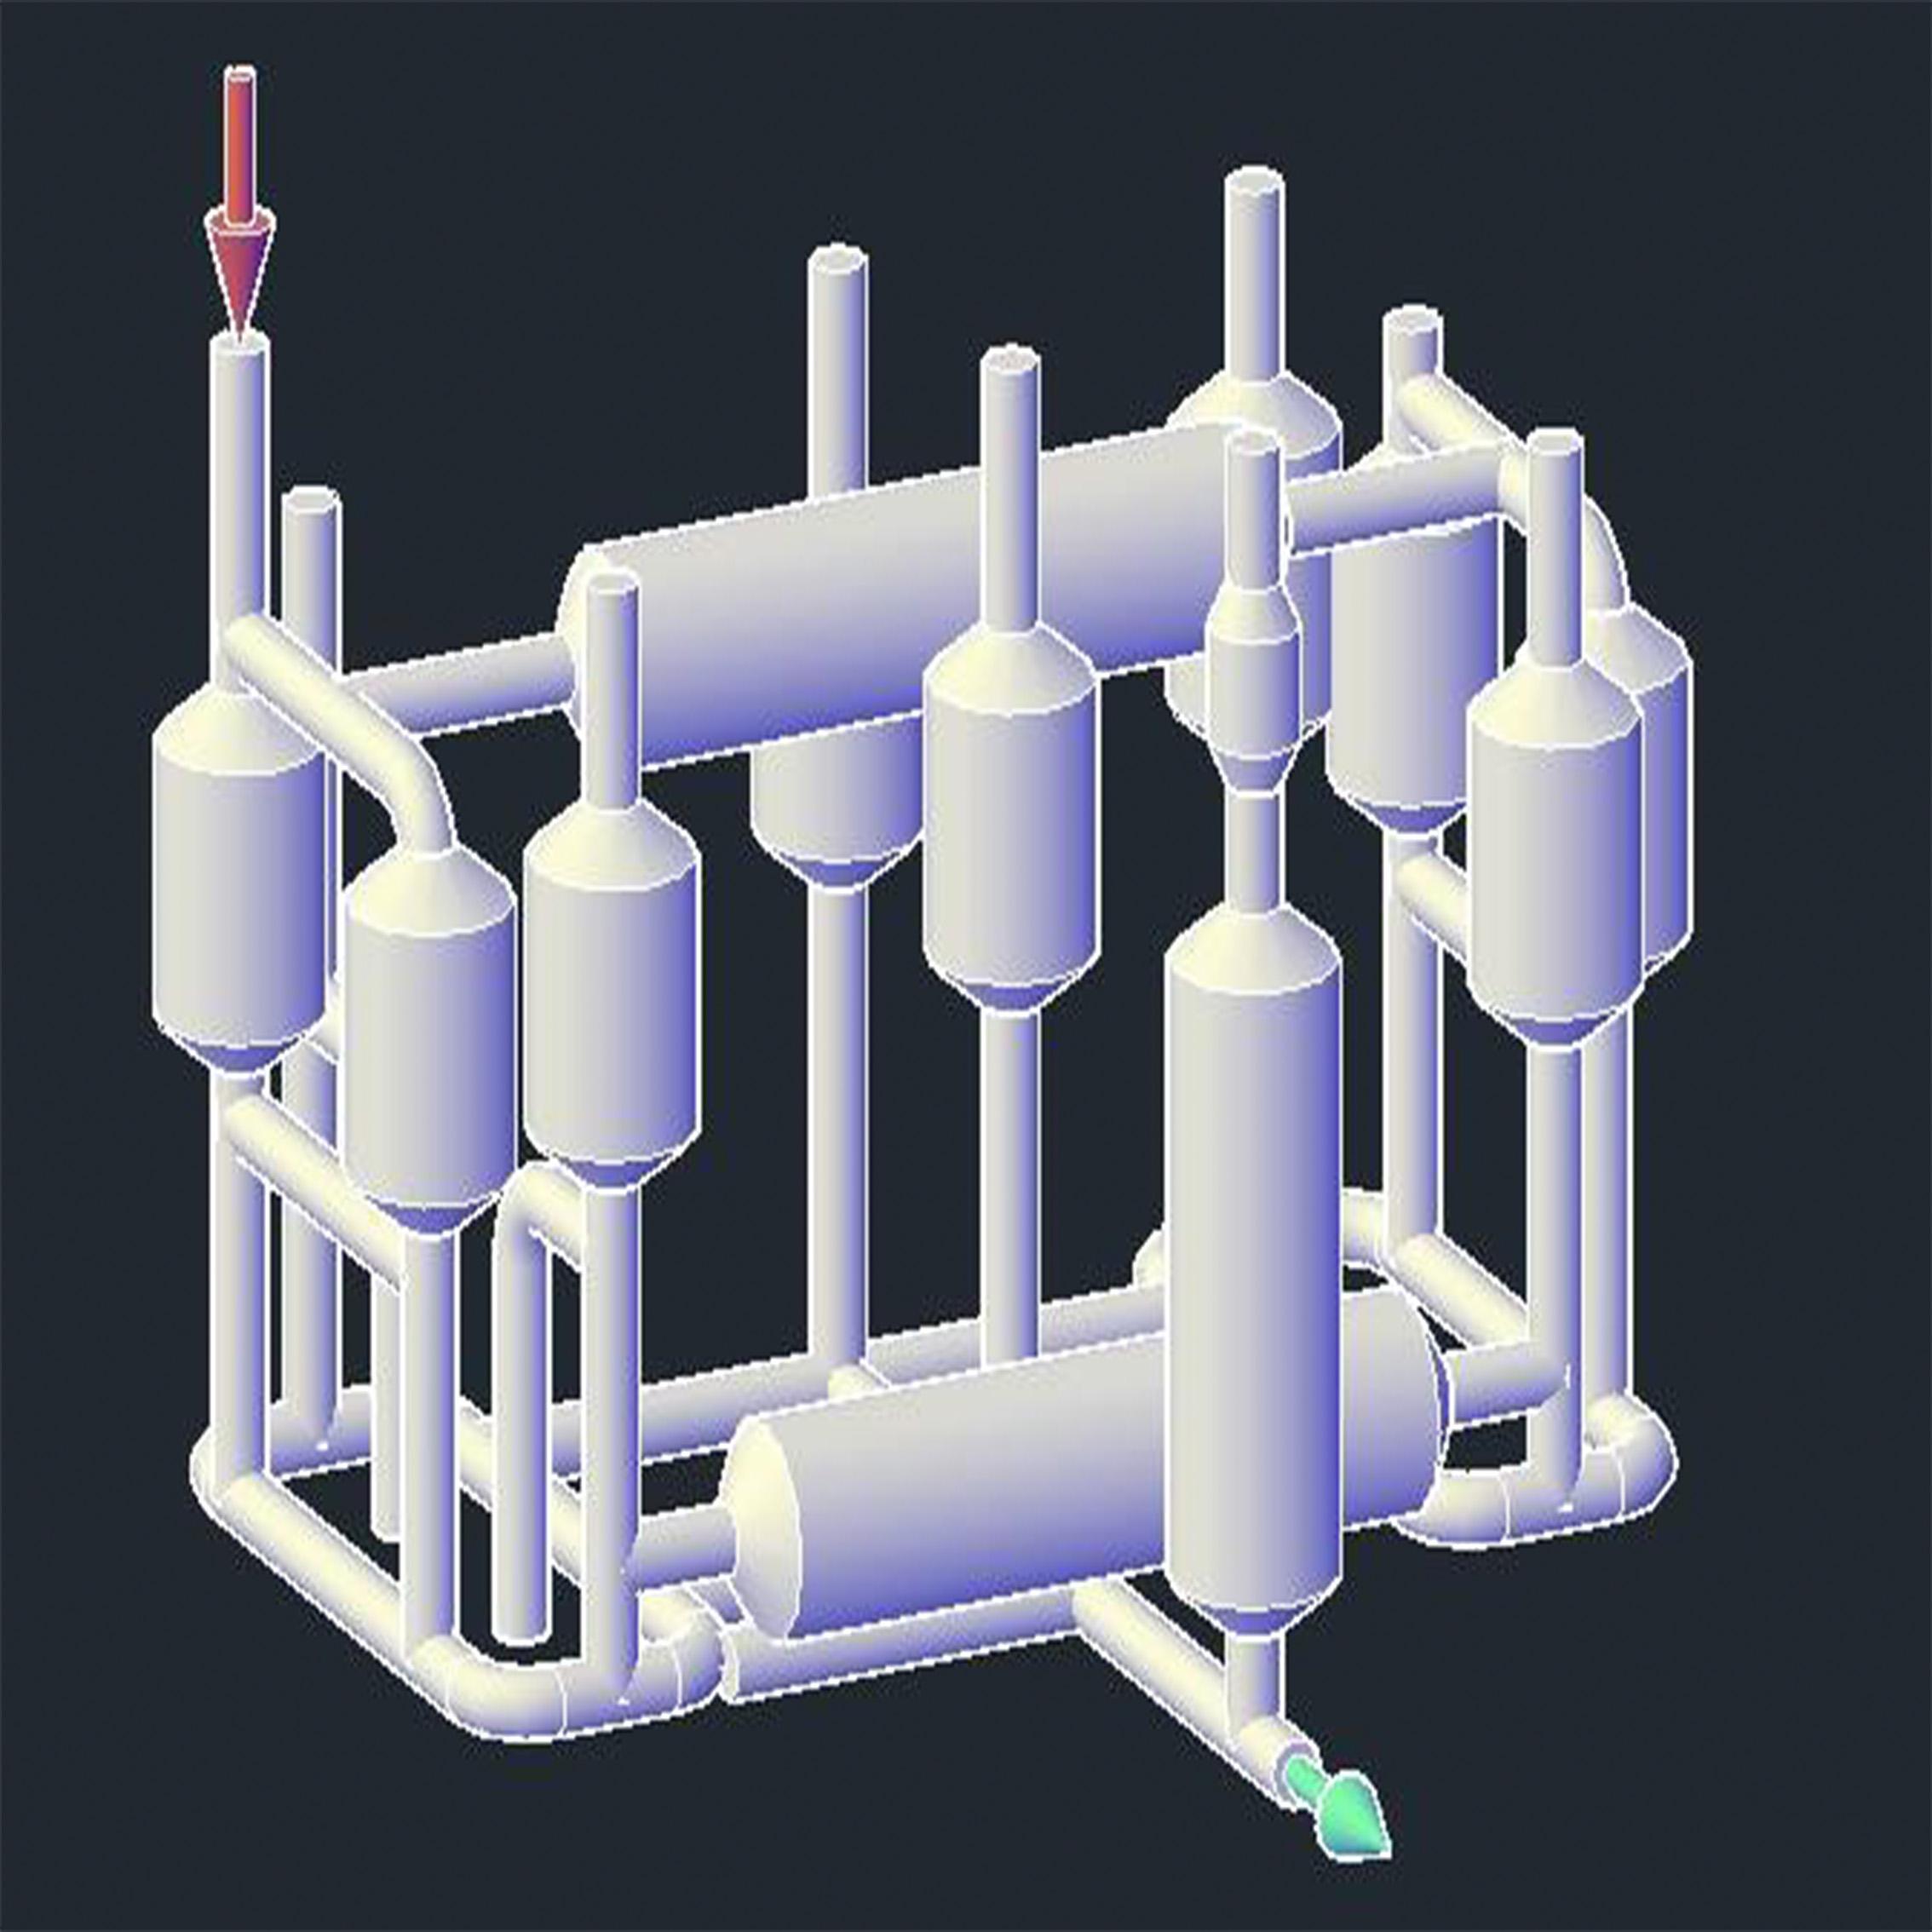 Nguyên lý công nghệ MET xử lý nước hiện đại nhất hiện nay